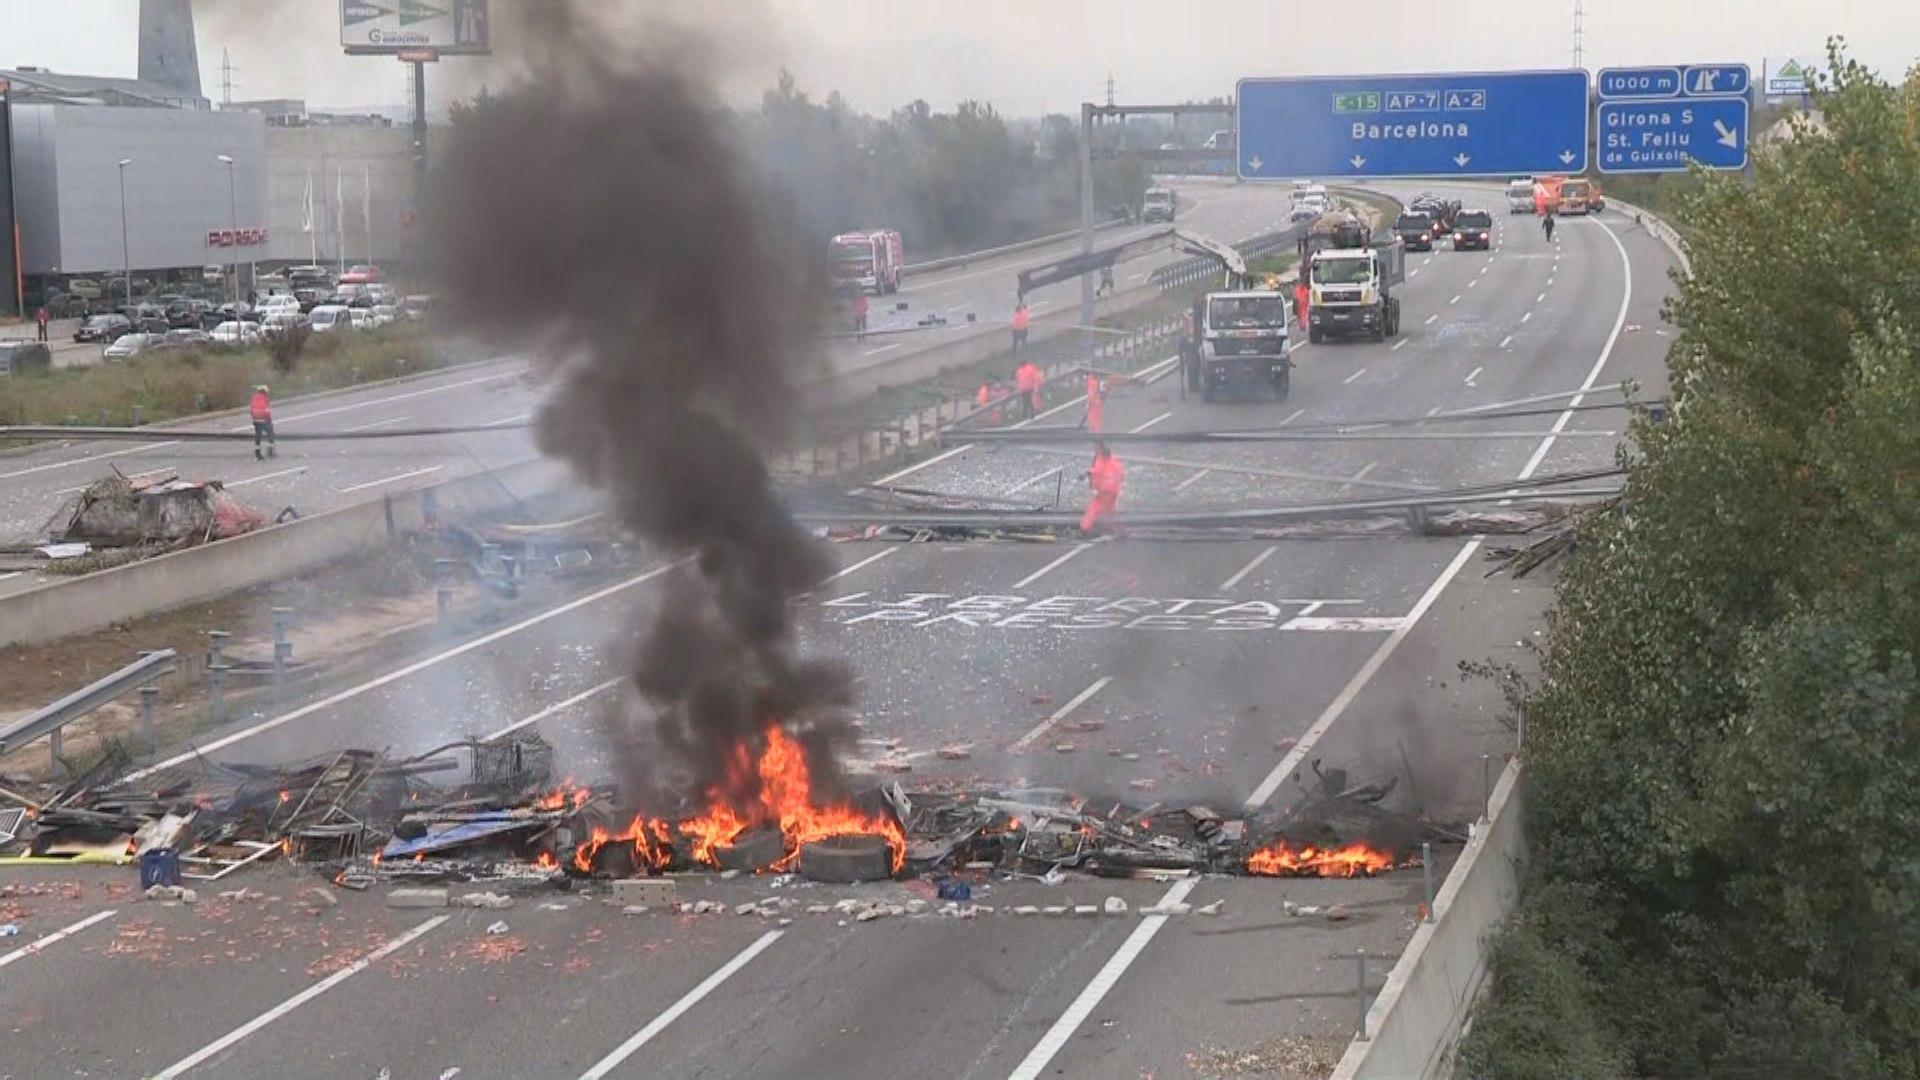 Tsunami Democràtic acaba su convocatoria tras acorralar a miles de conductores